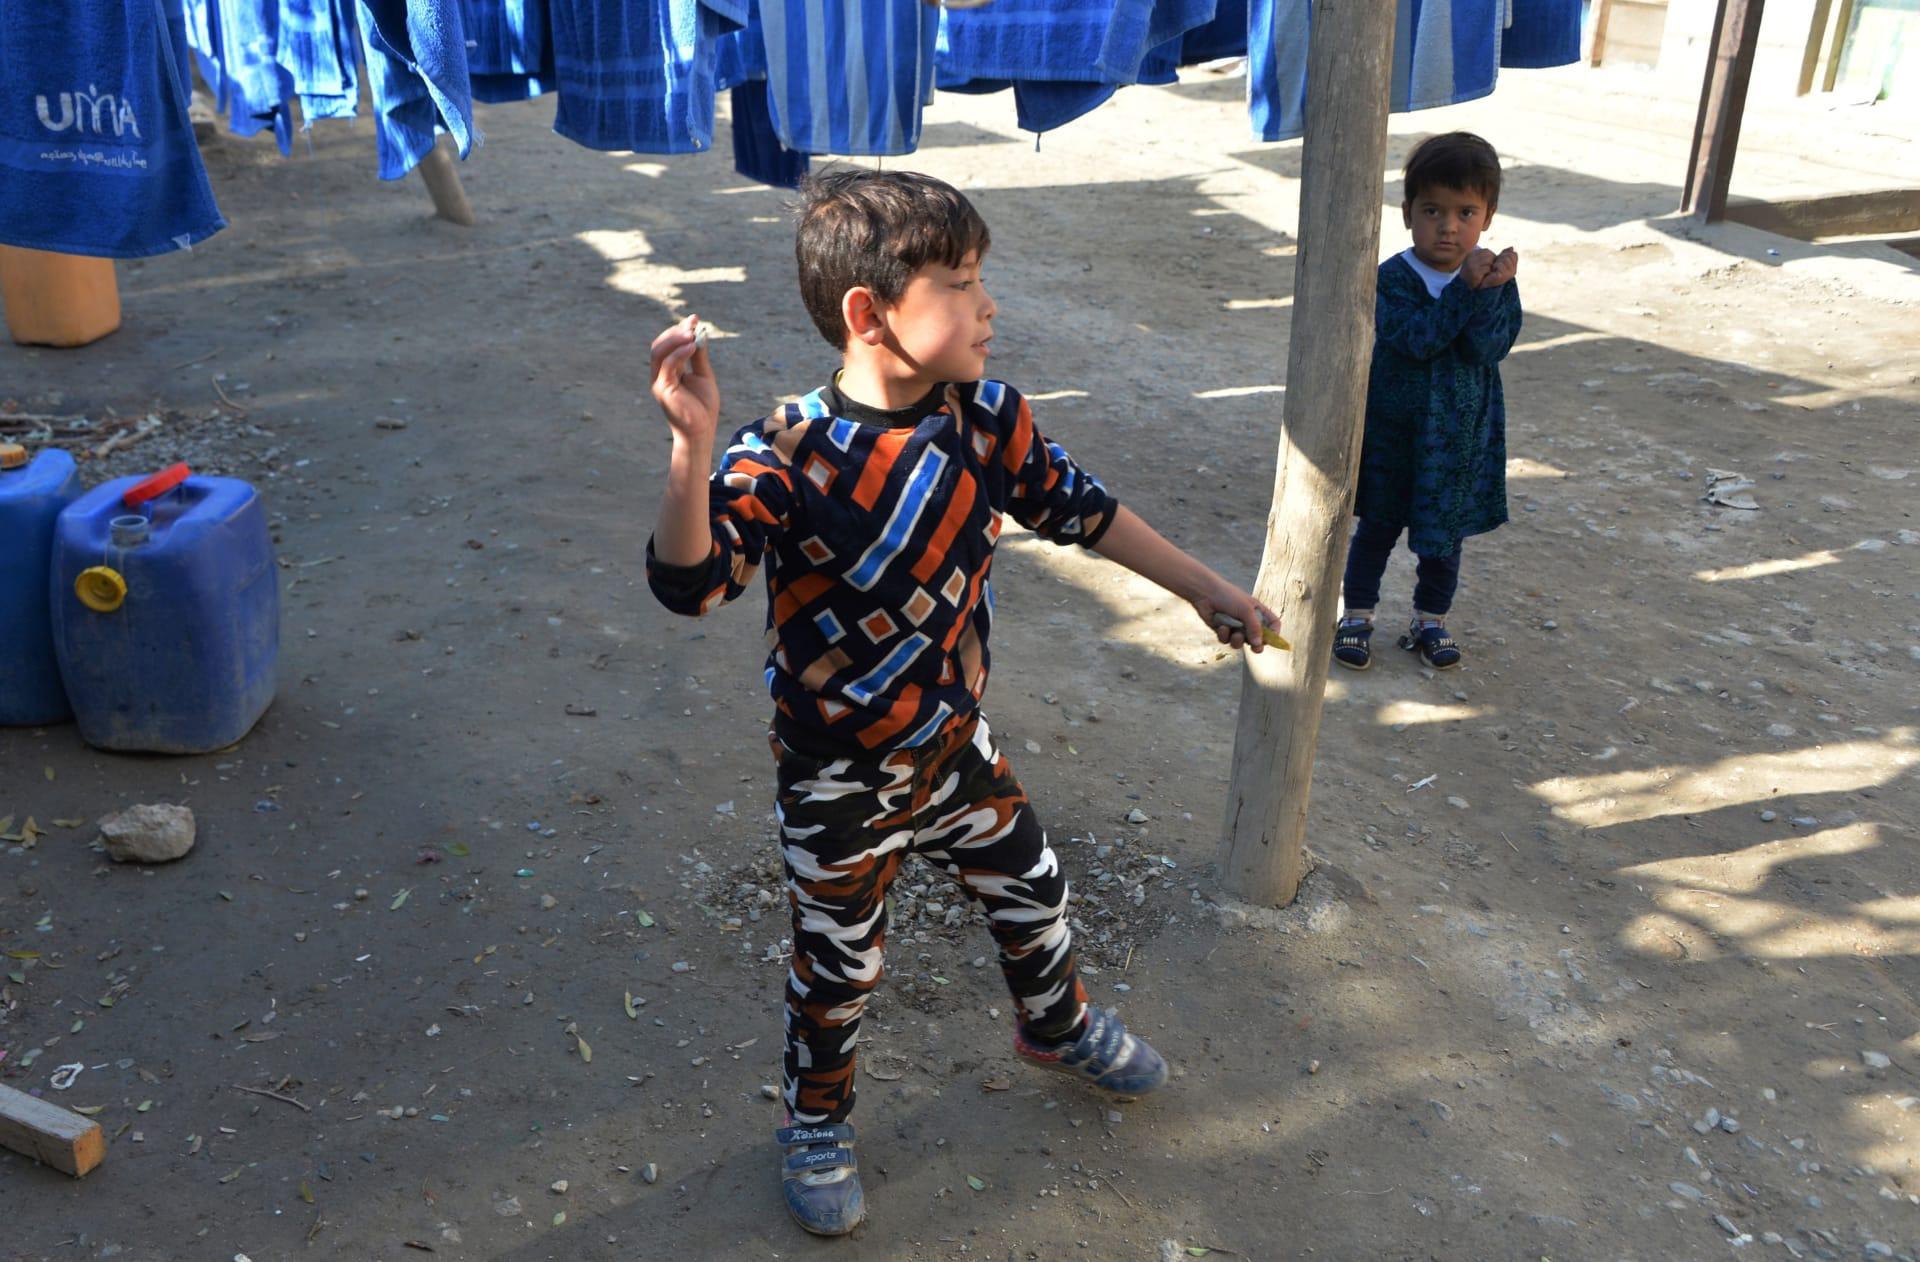 """بعدما هرب من طالبان..هكذا يعيش """"الطفل ميسي"""" بأفغانستان"""